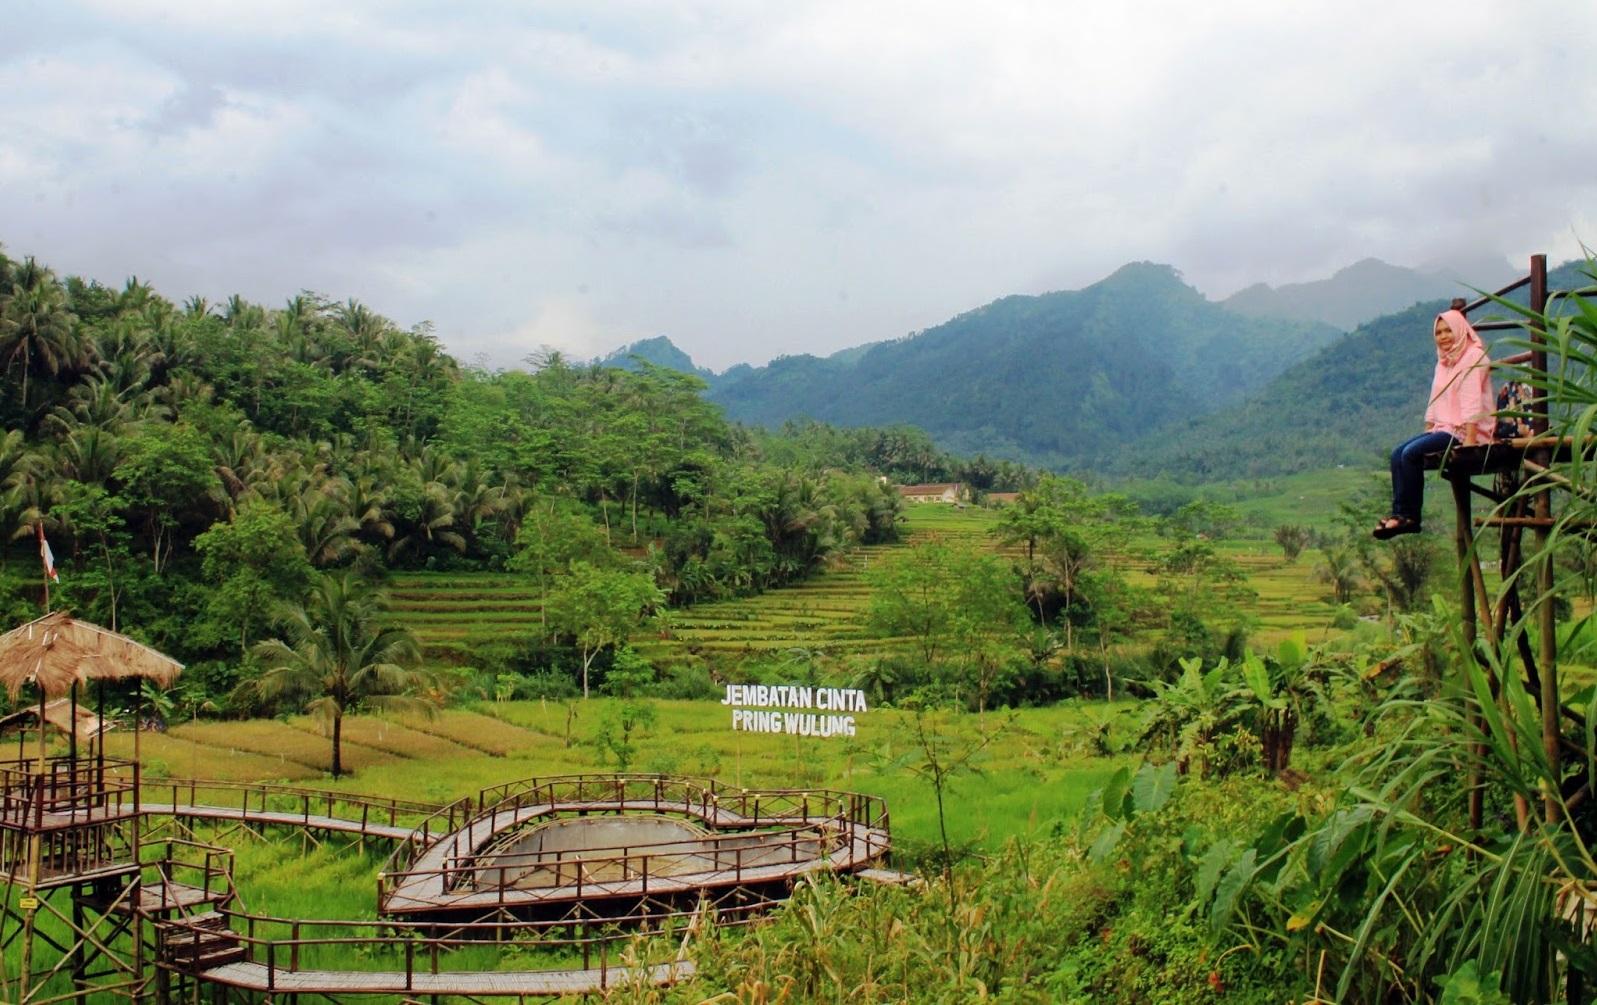 Jembatan Cinta Desa Wisata Panusupan Purbalingga Rembang Dok Wisbangga Pring